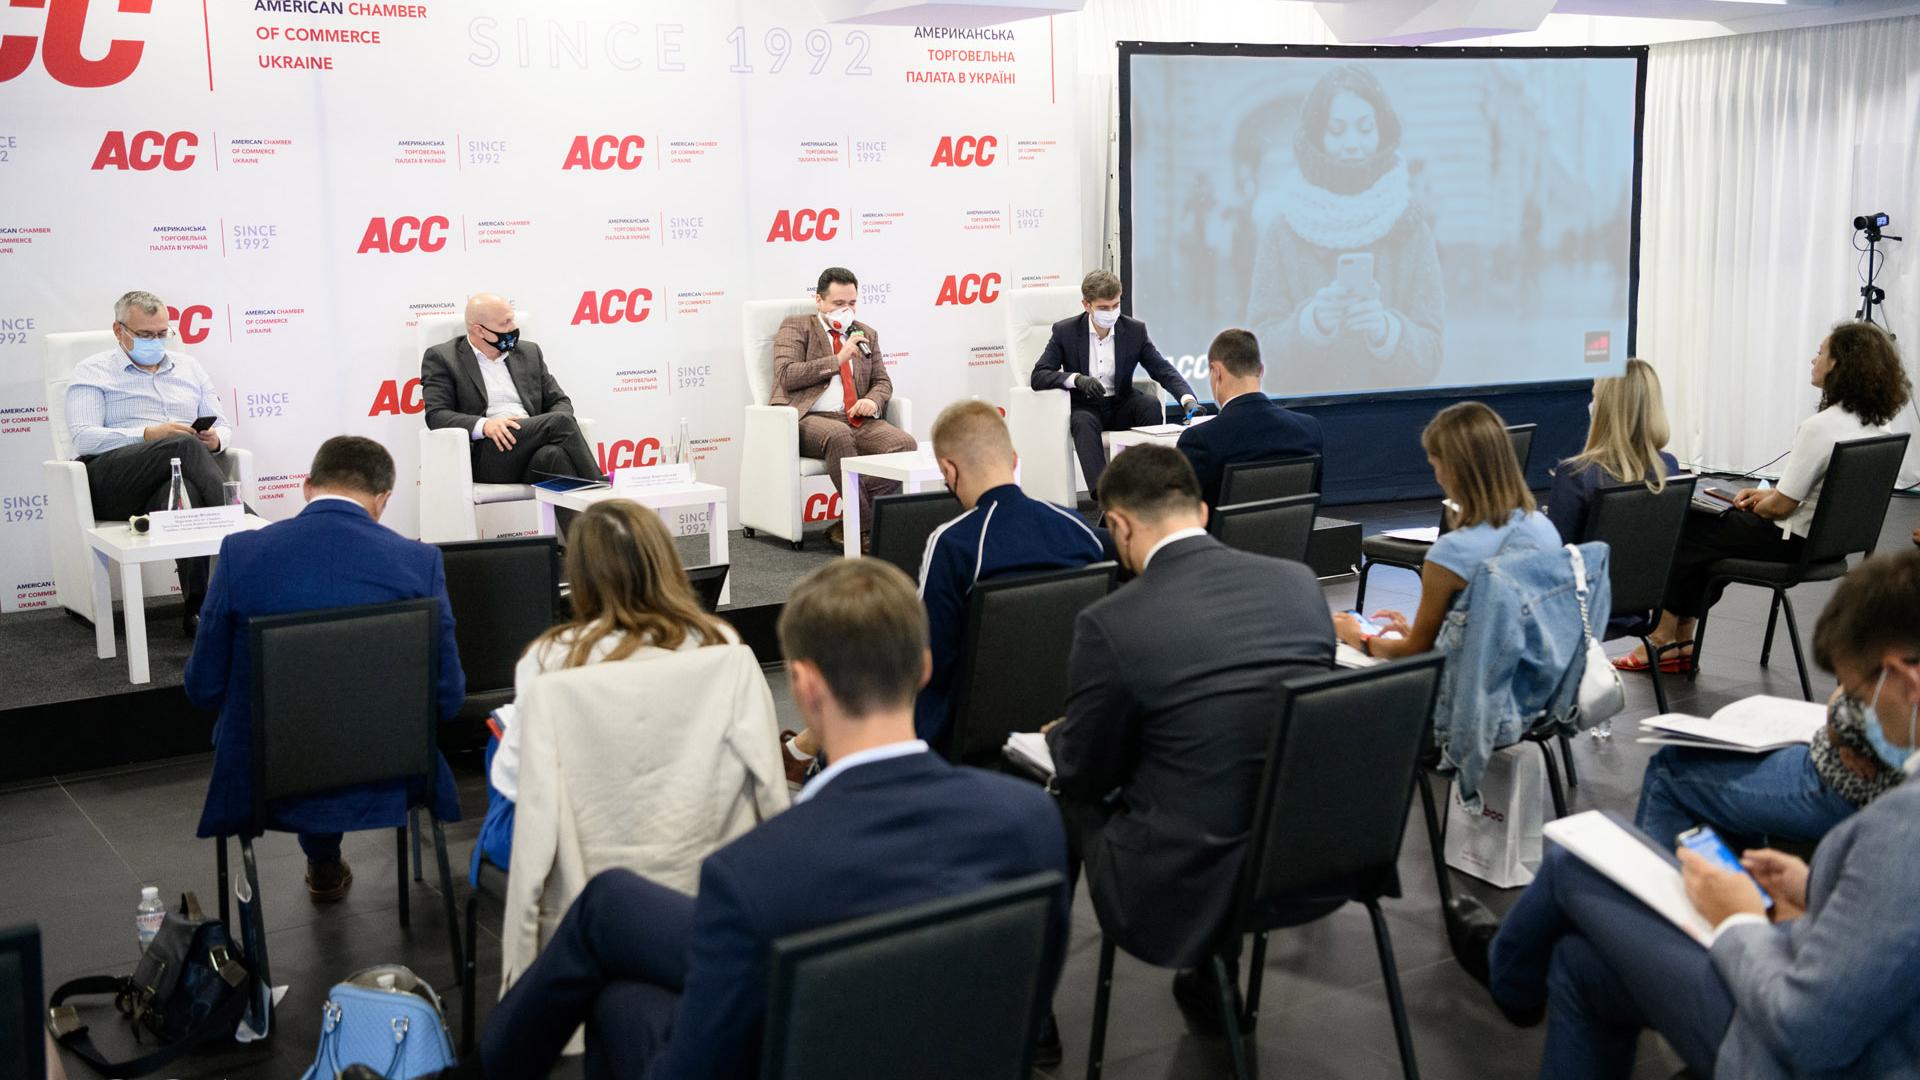 Онлайн панельна дискусія «Оподаткування мобільного зв'язку в Україні: як покращити покриття, економіку та створити робочі місця»